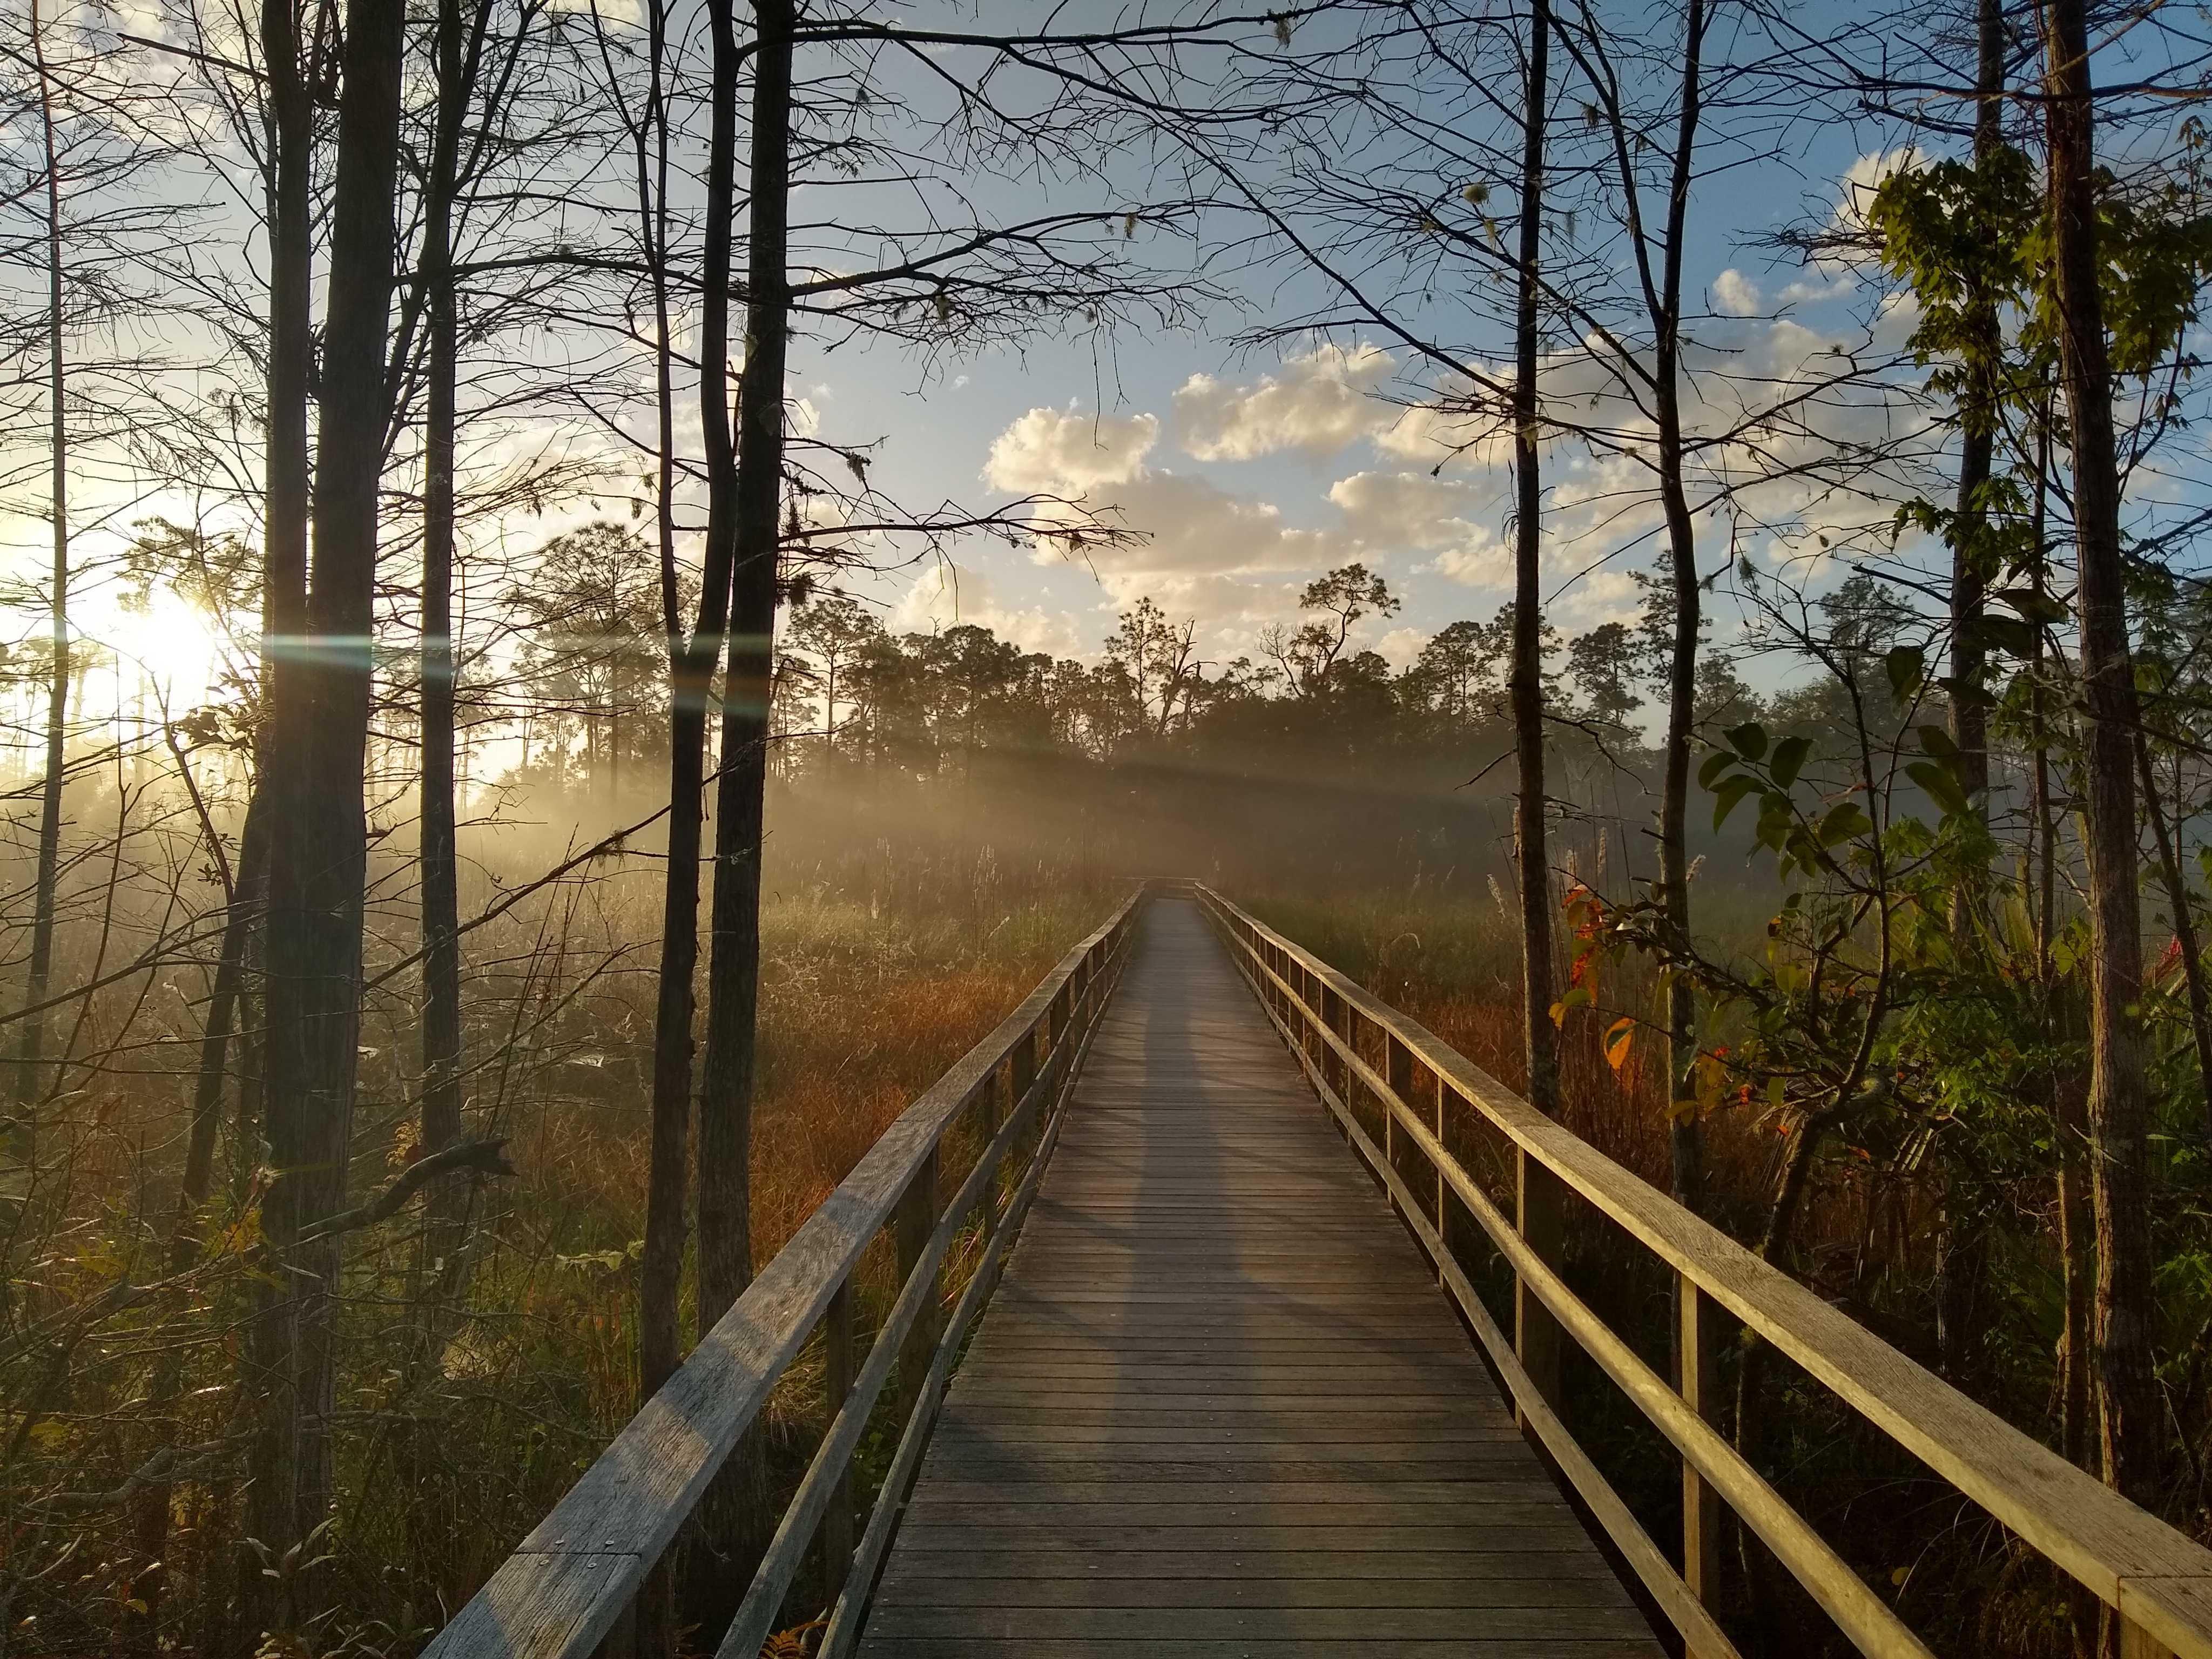 Misty morning on the boardwalk.